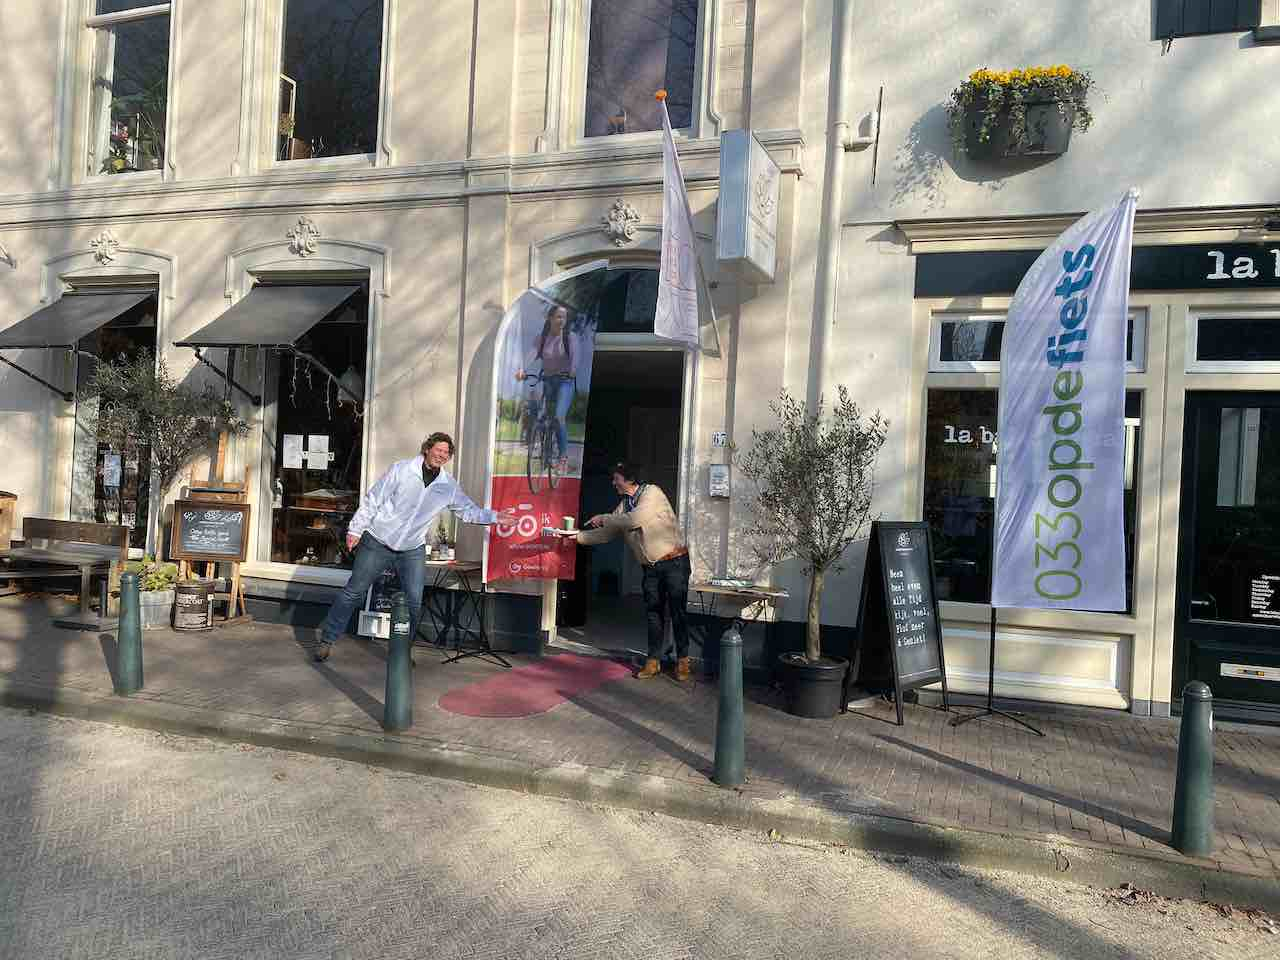 Ikfiets in Amersfoort naar Boeken, bonen & blaadjes